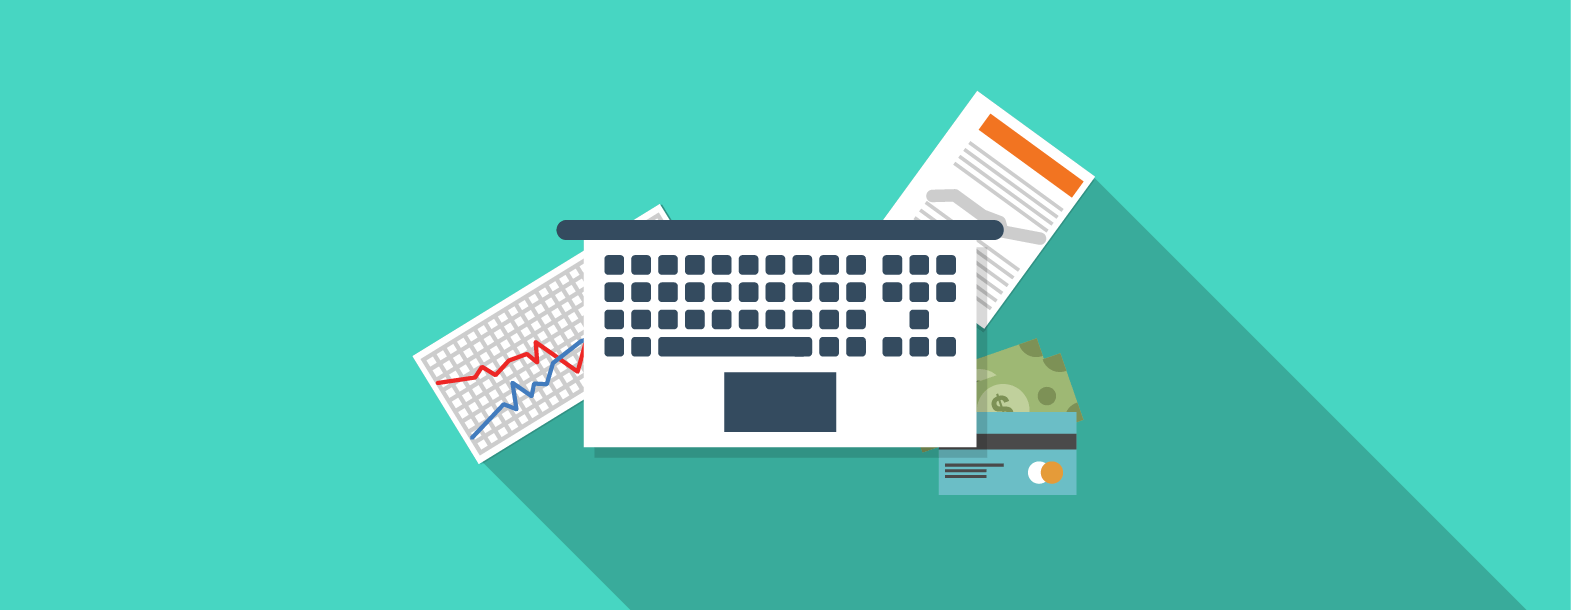 data-analysis-ecommerce